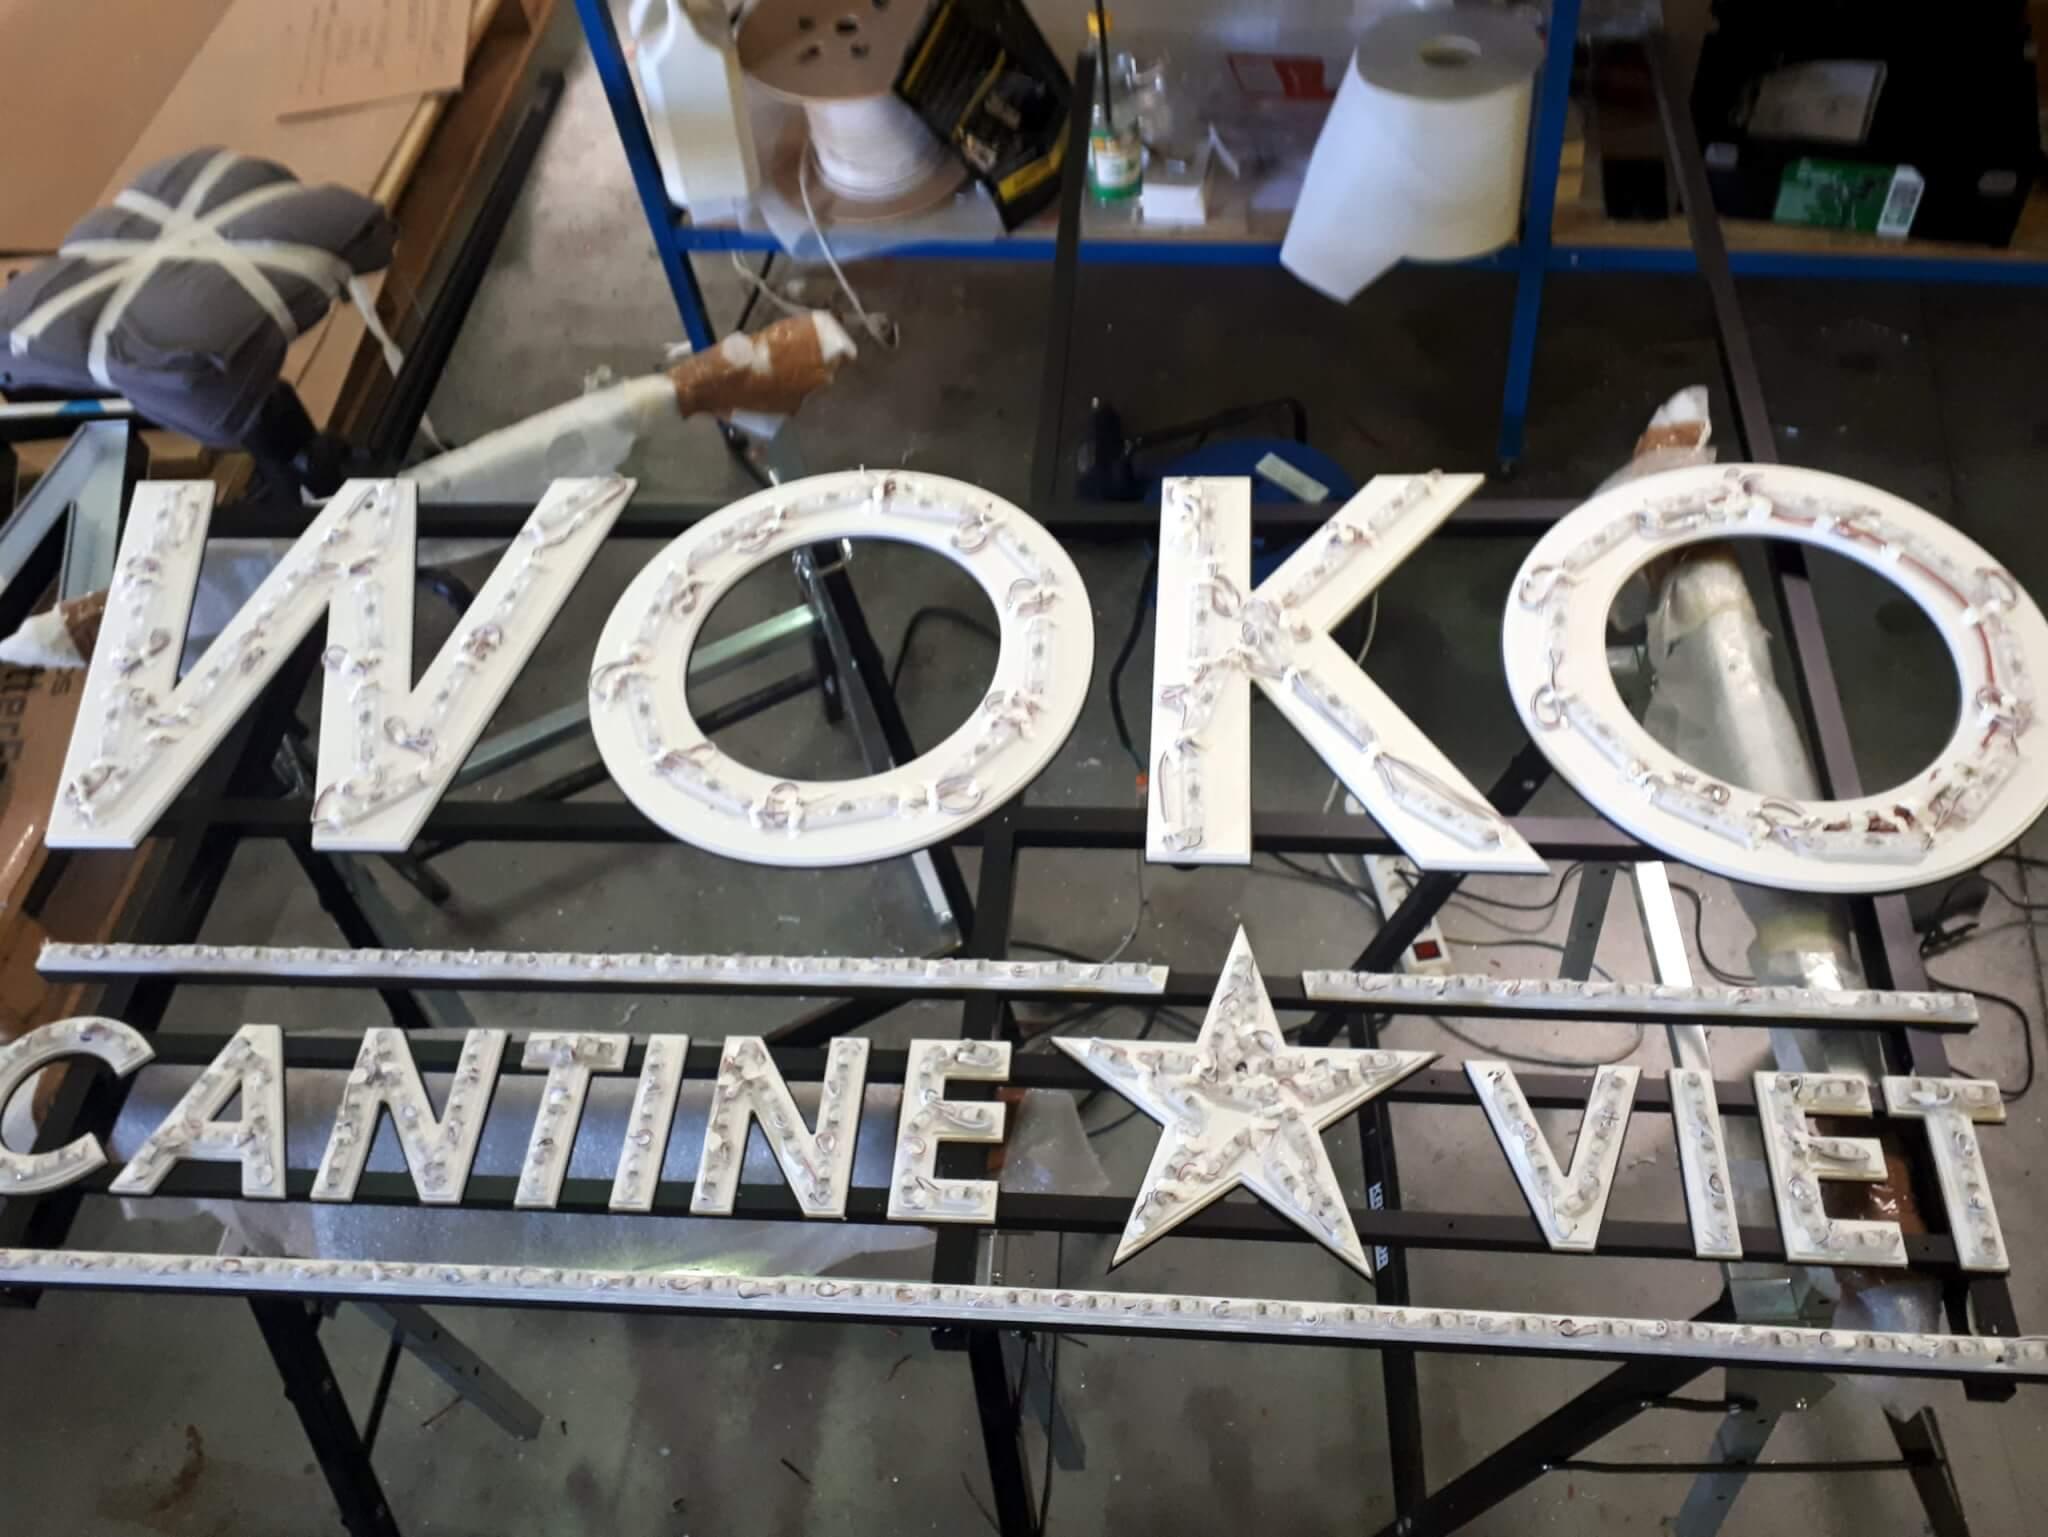 Fabrication enseignes lumineuses Lyon SES Grigny pour Woko